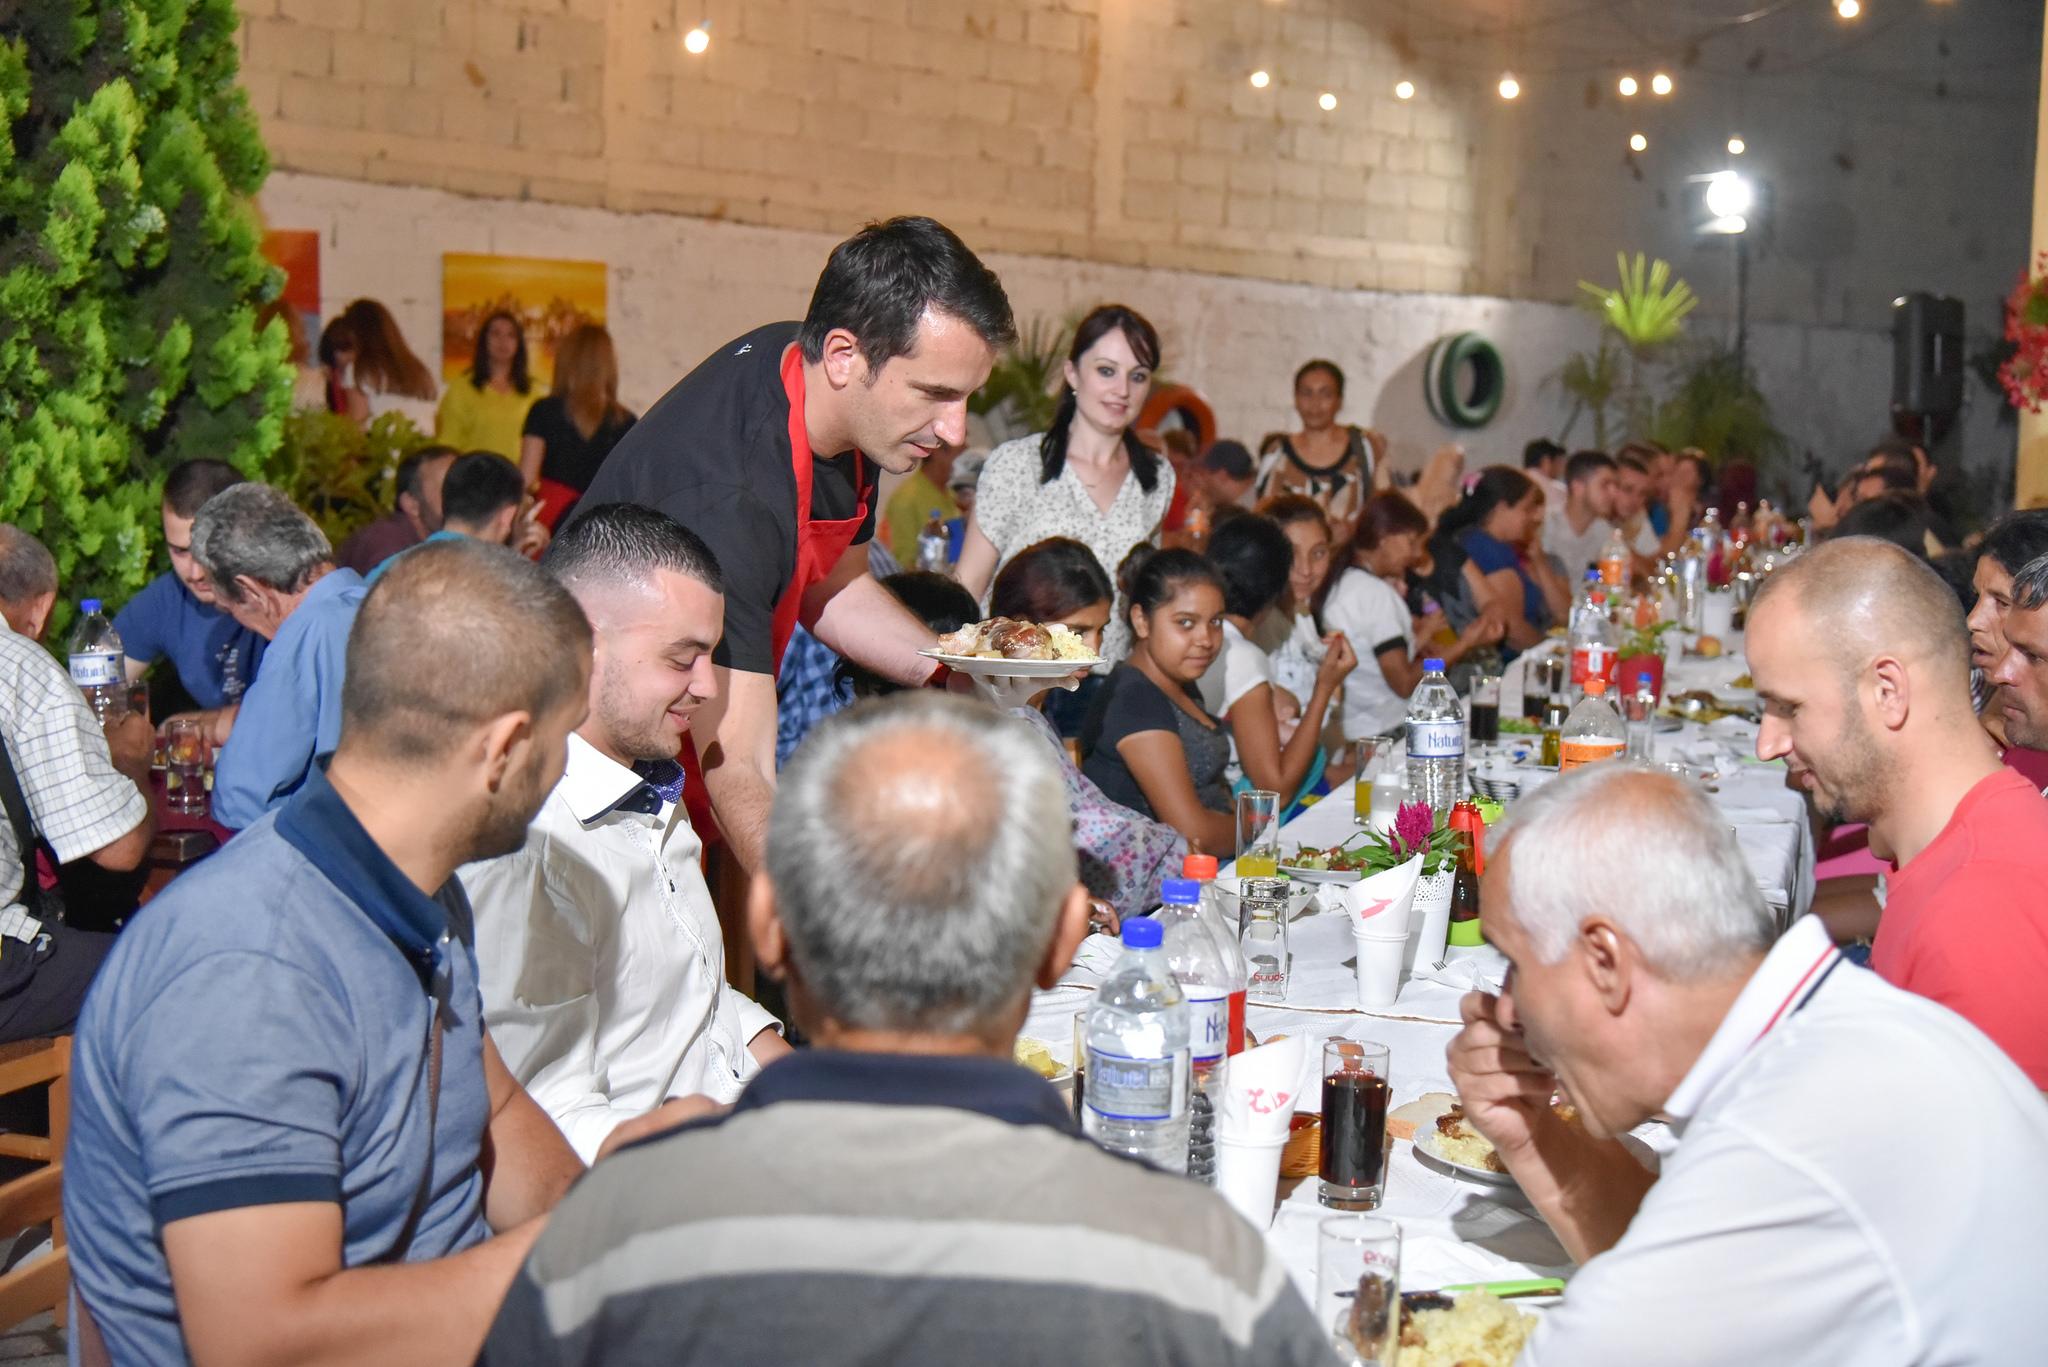 Bashkia e Tiranës shtron iftar për njerëzit në nevojë në Kombinat